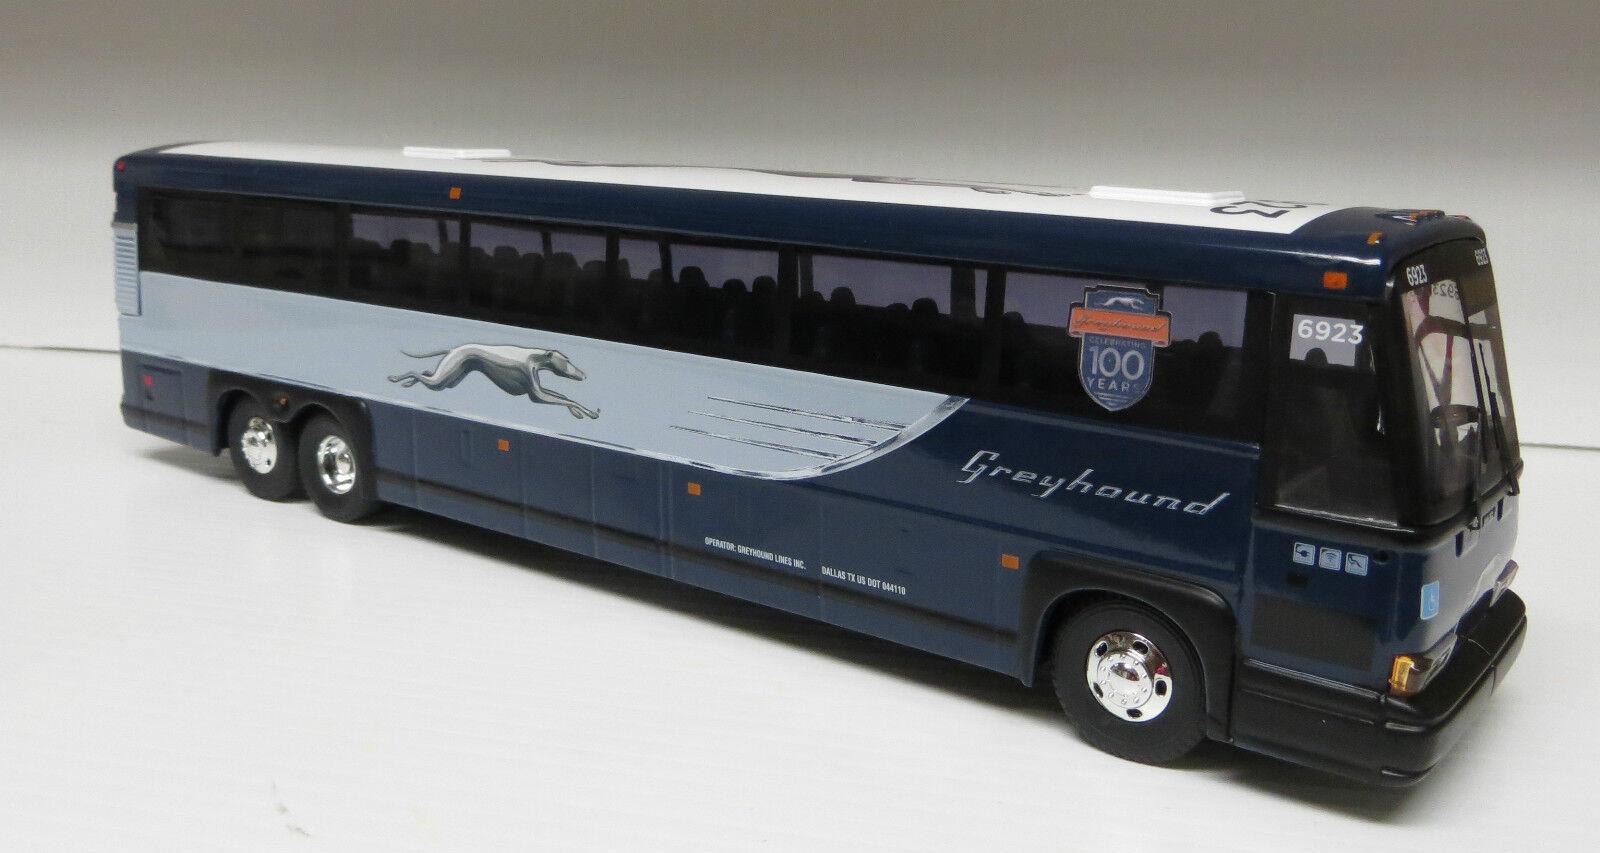 exclusivo Corgi 53412 Galgo neoclásico Bus 11 11 11  Diecast MCI DL3 con 100 año Logoo  preferente